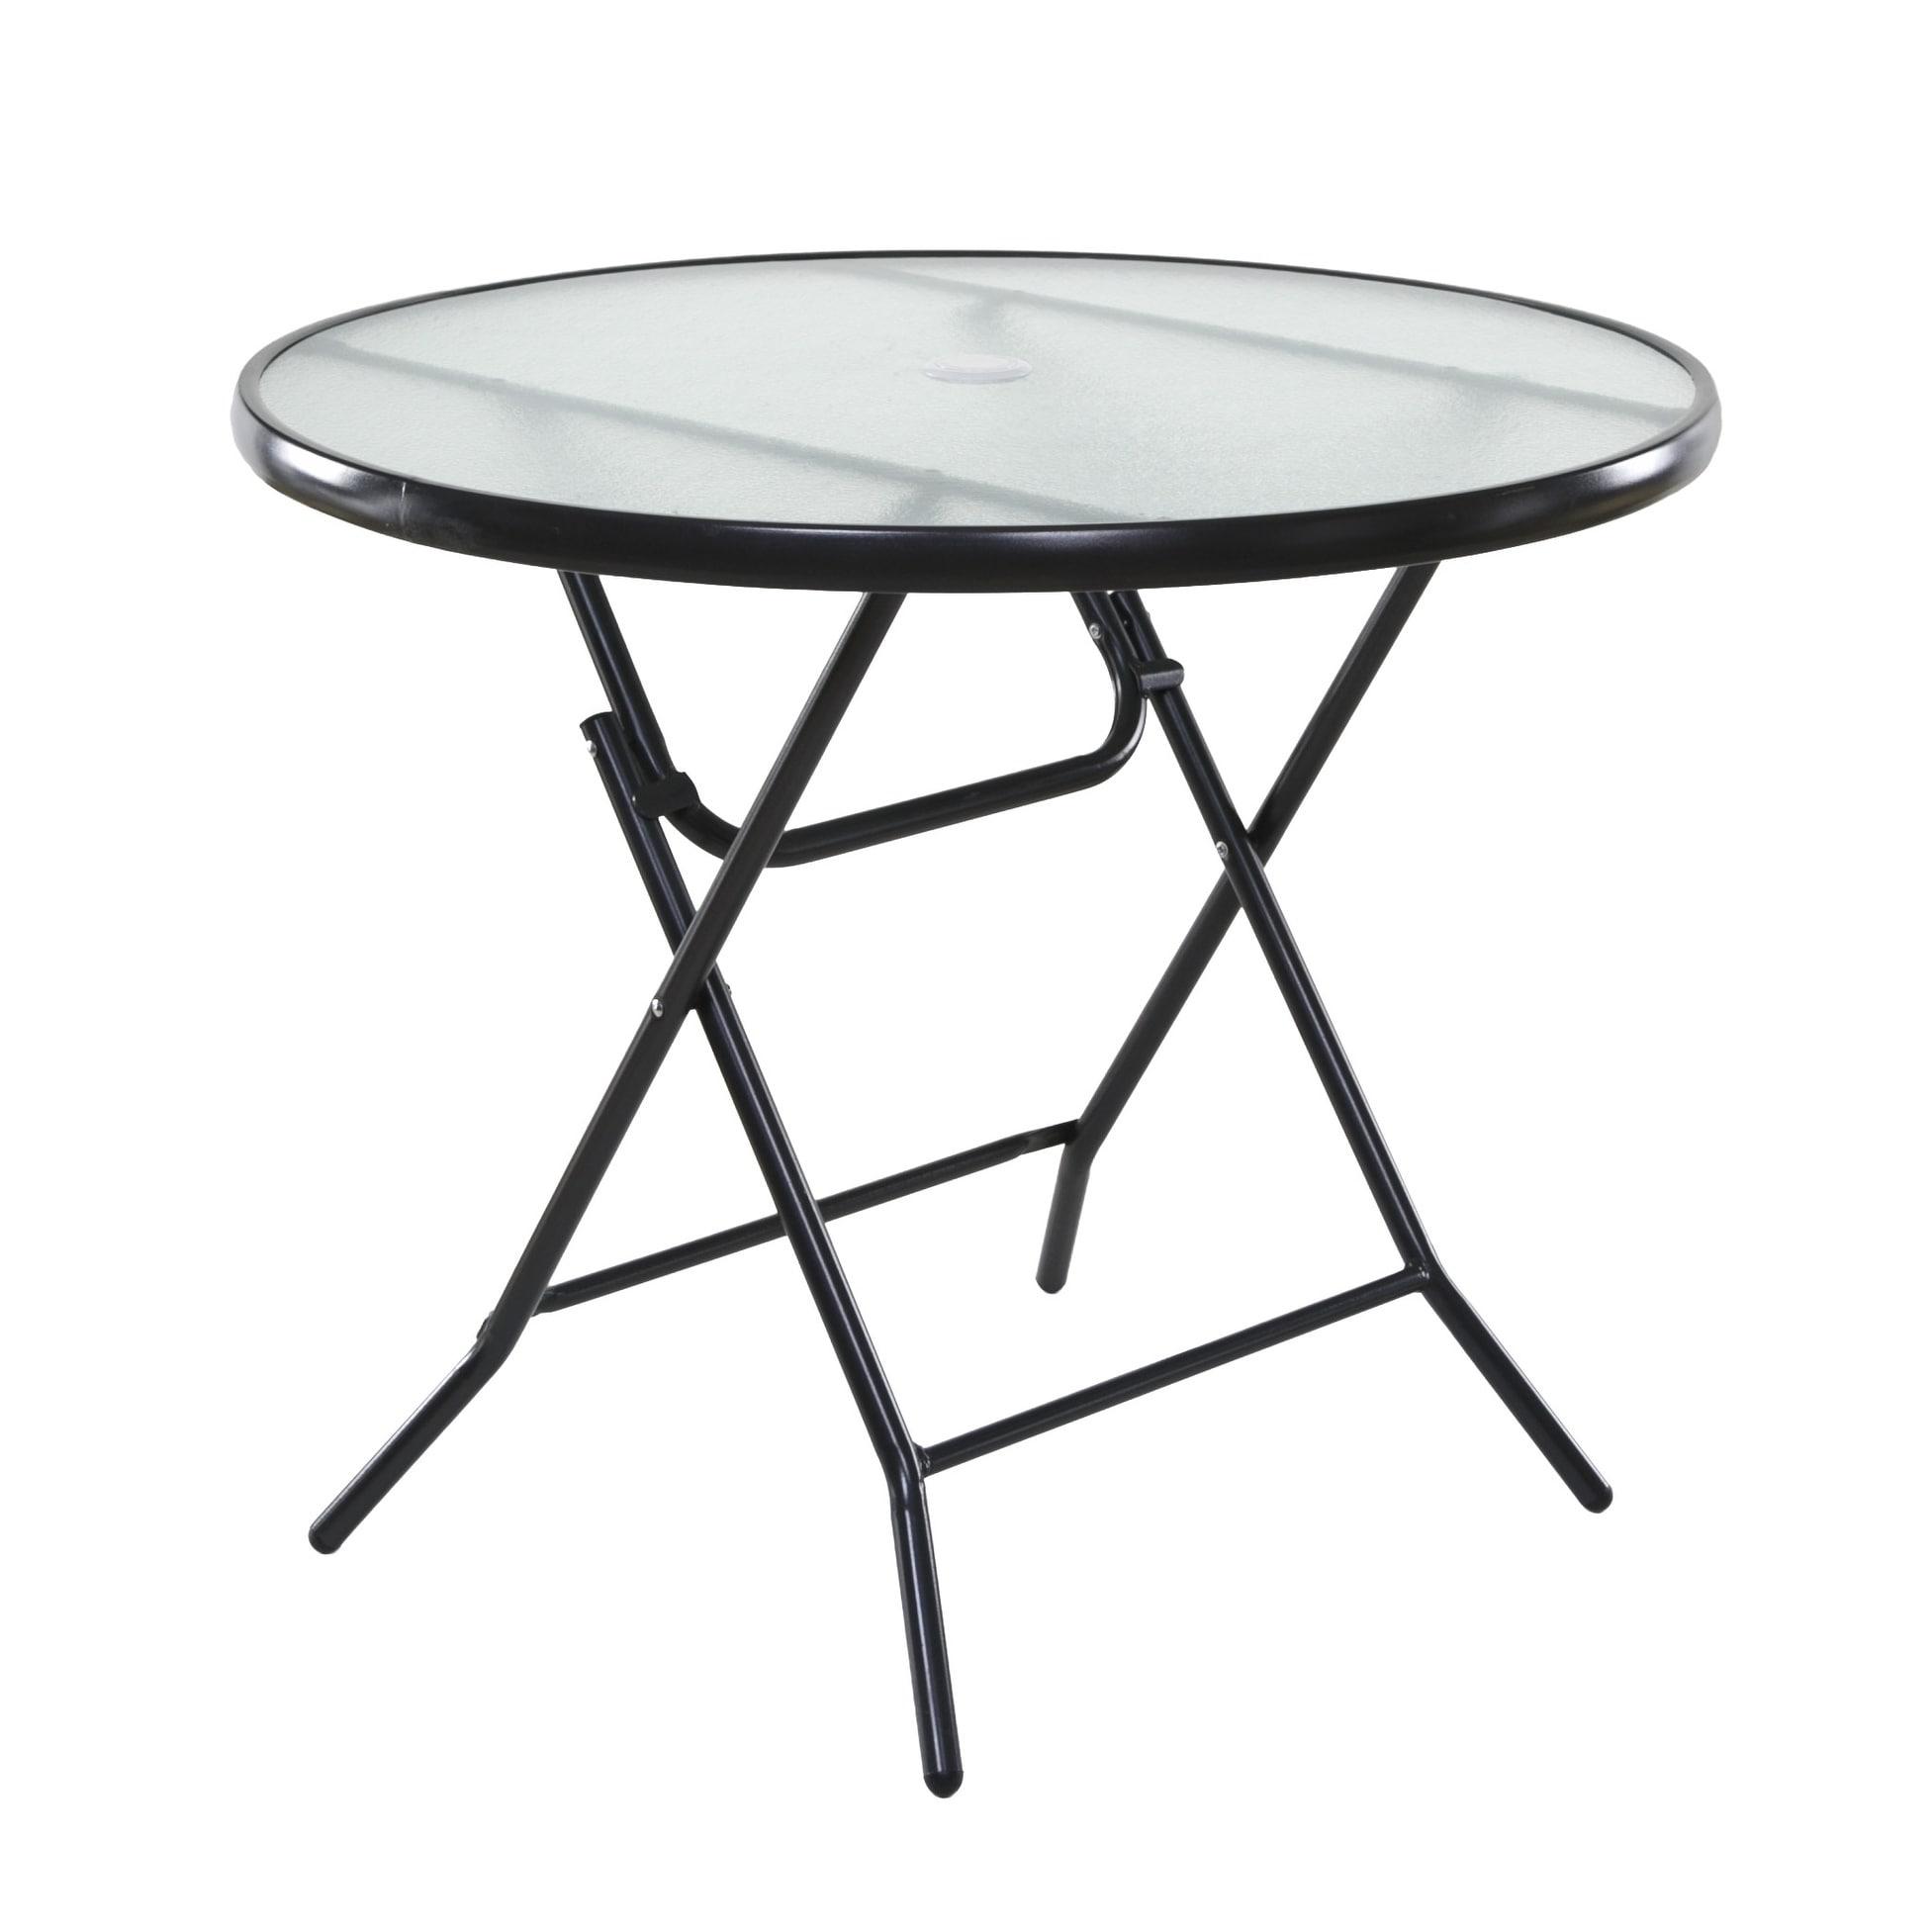 Basics 34 Round Folding Patio Table